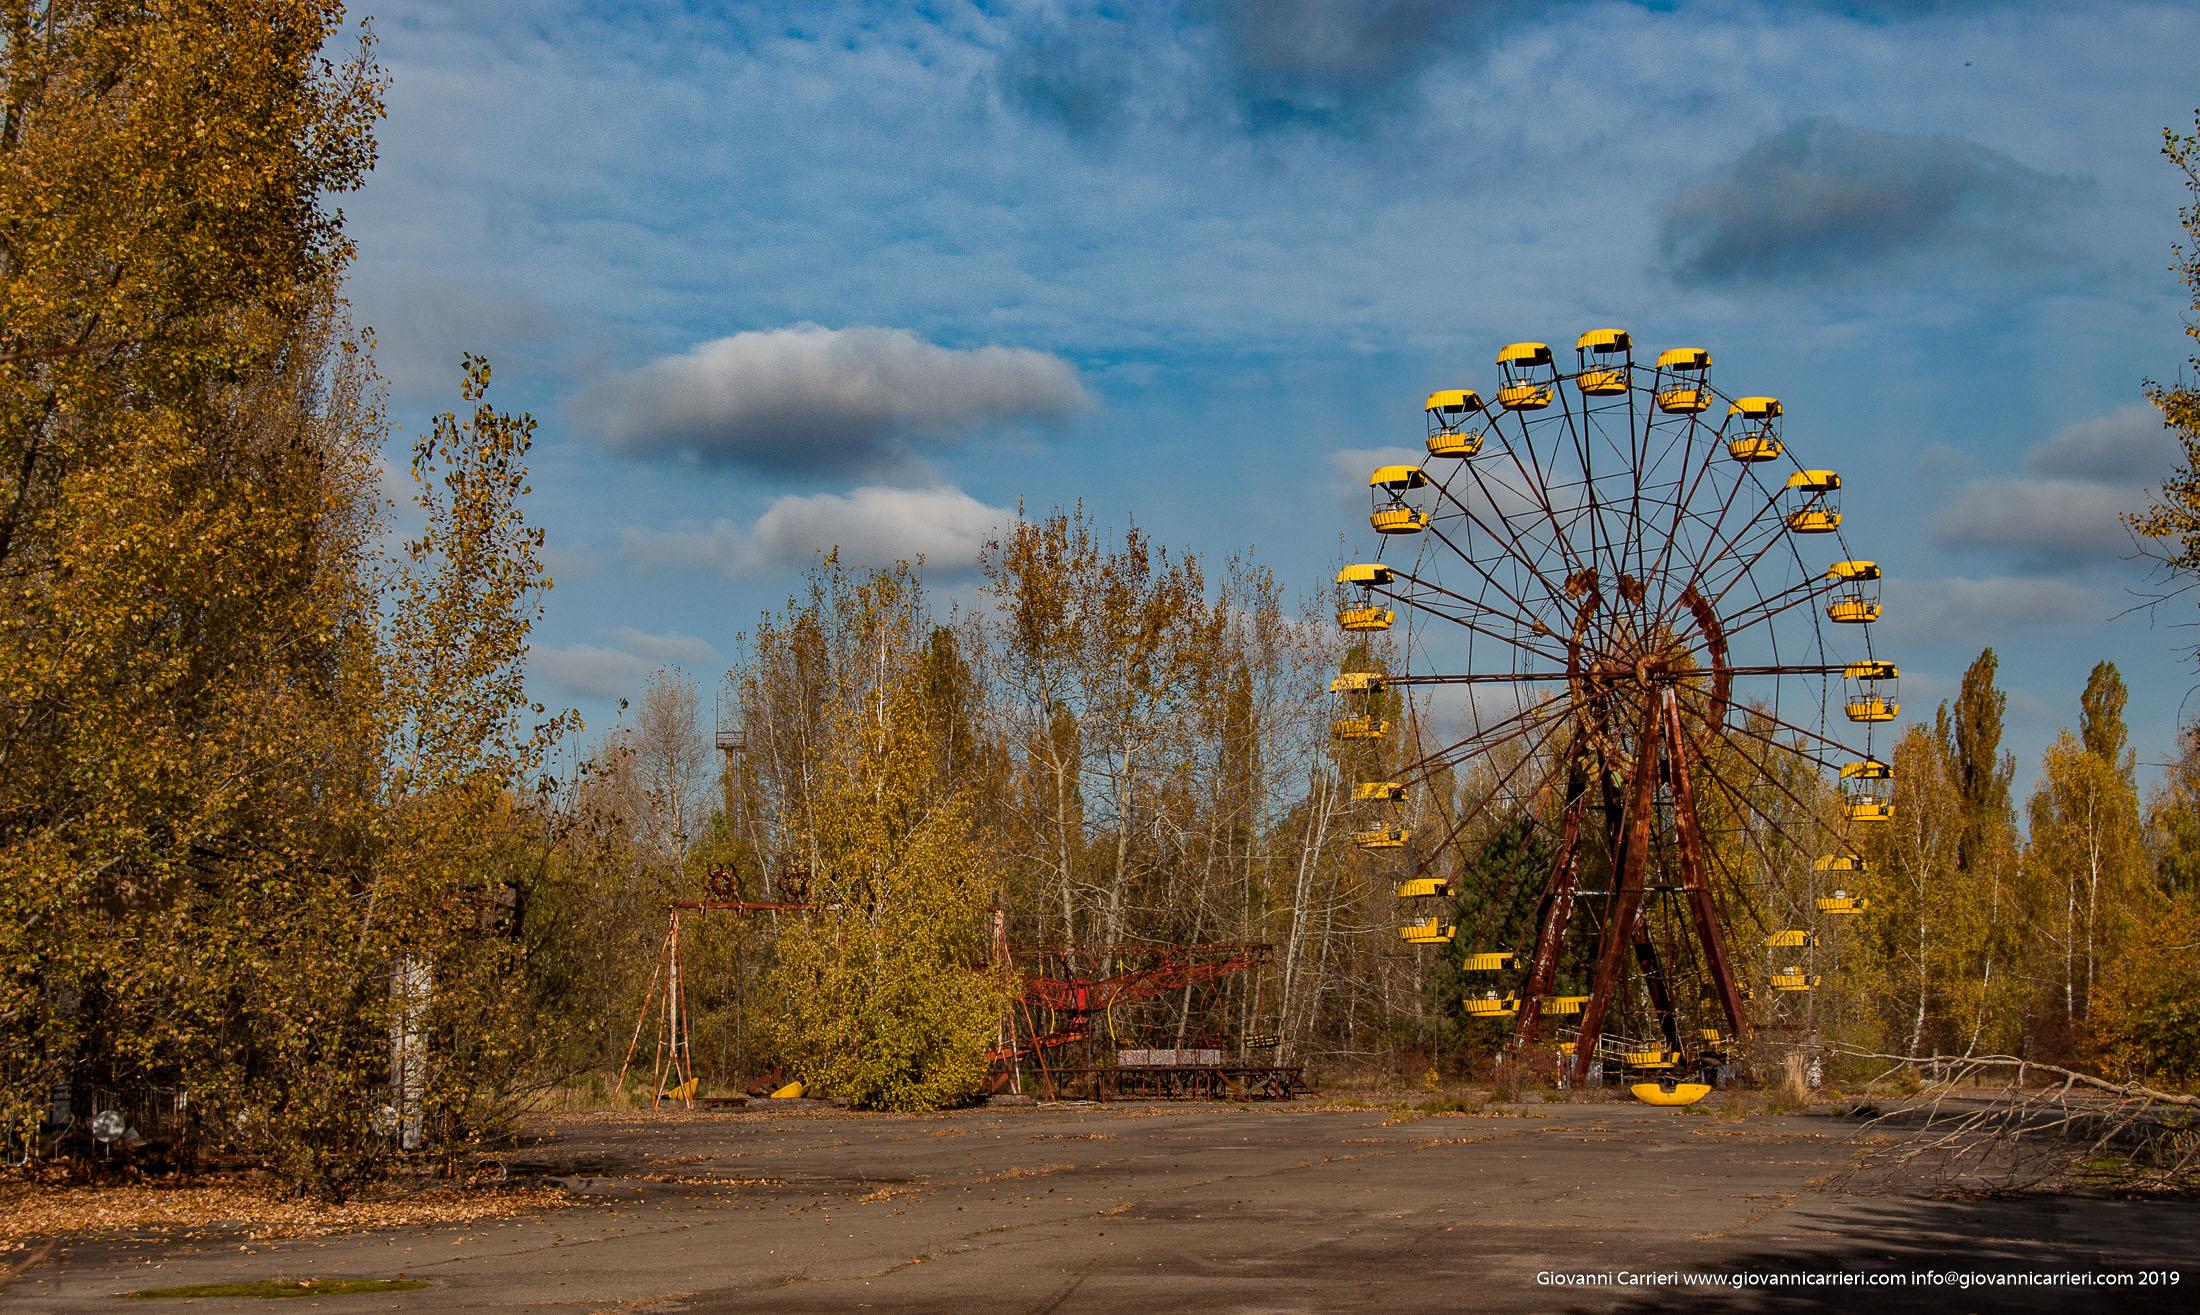 Il parco giochi di Prypjat